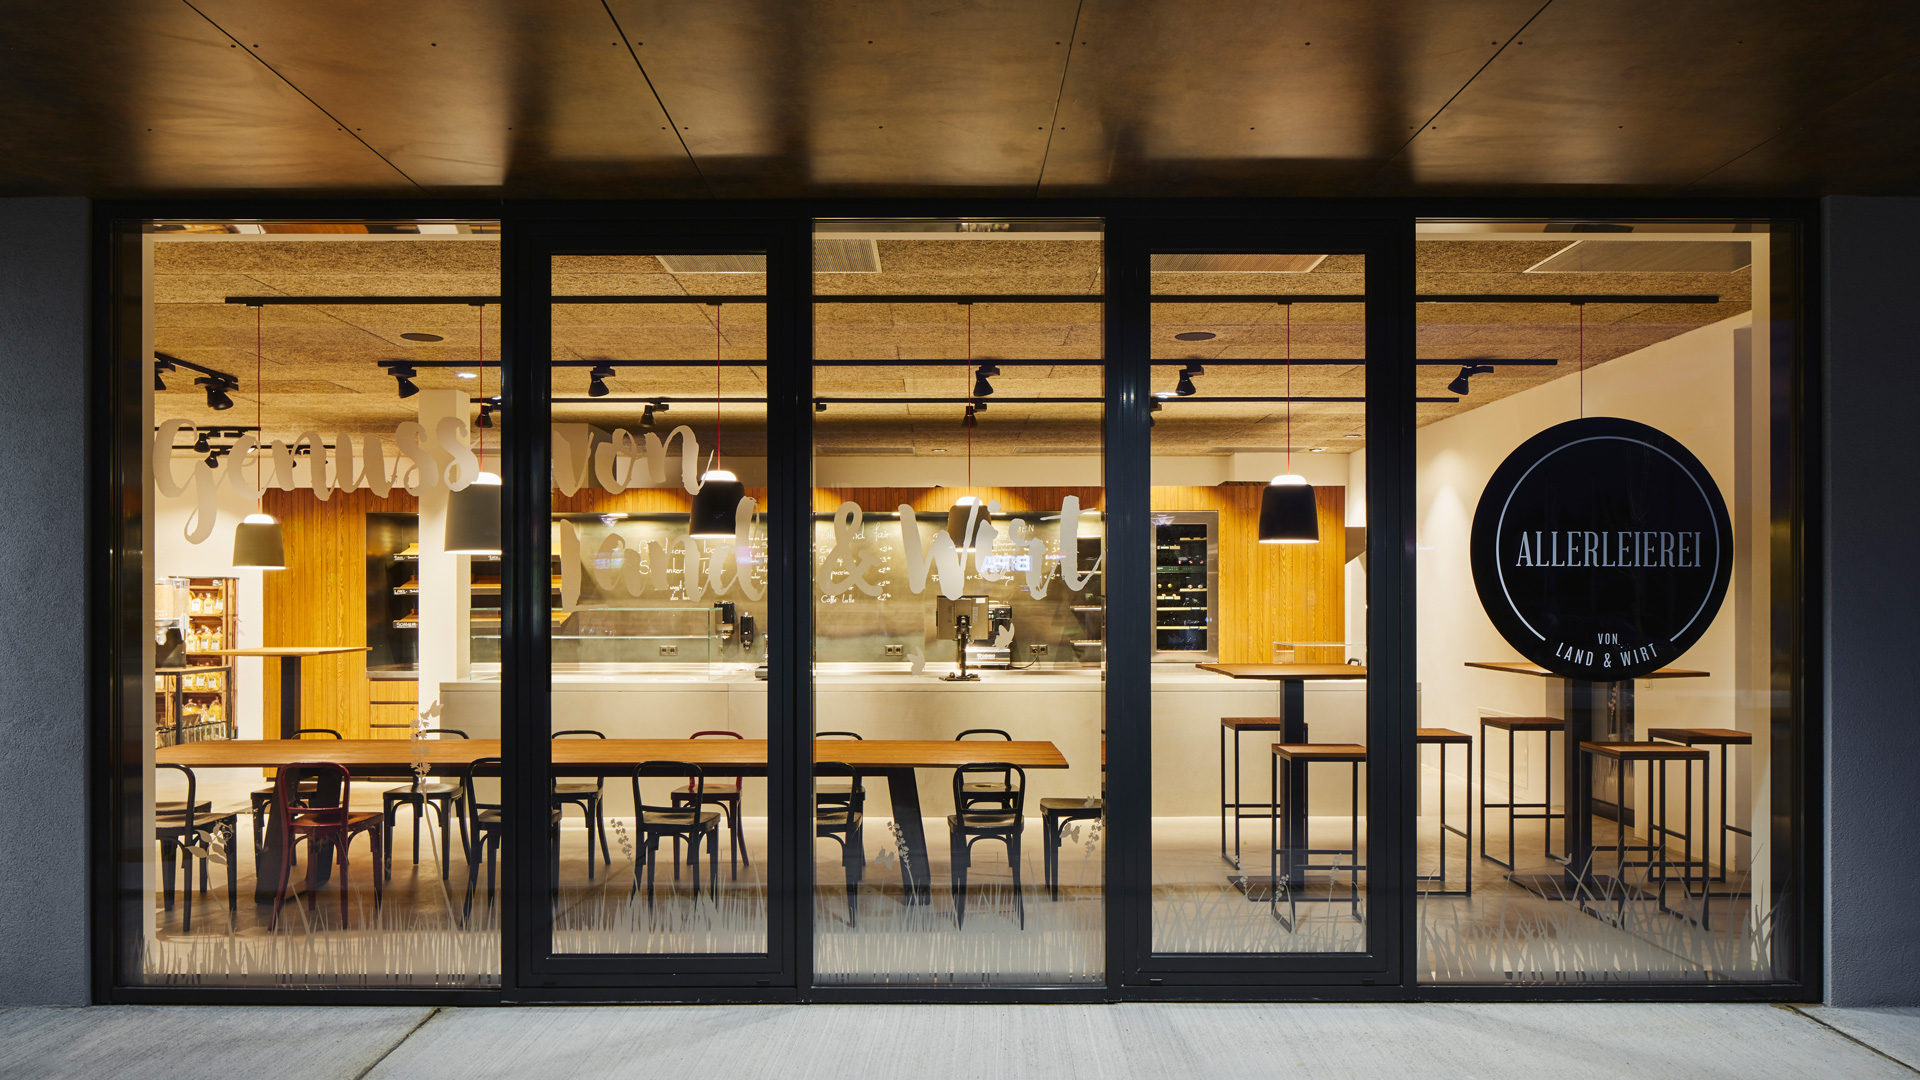 Allerleierei Architekt EDERARCH Architekturbüro Graz